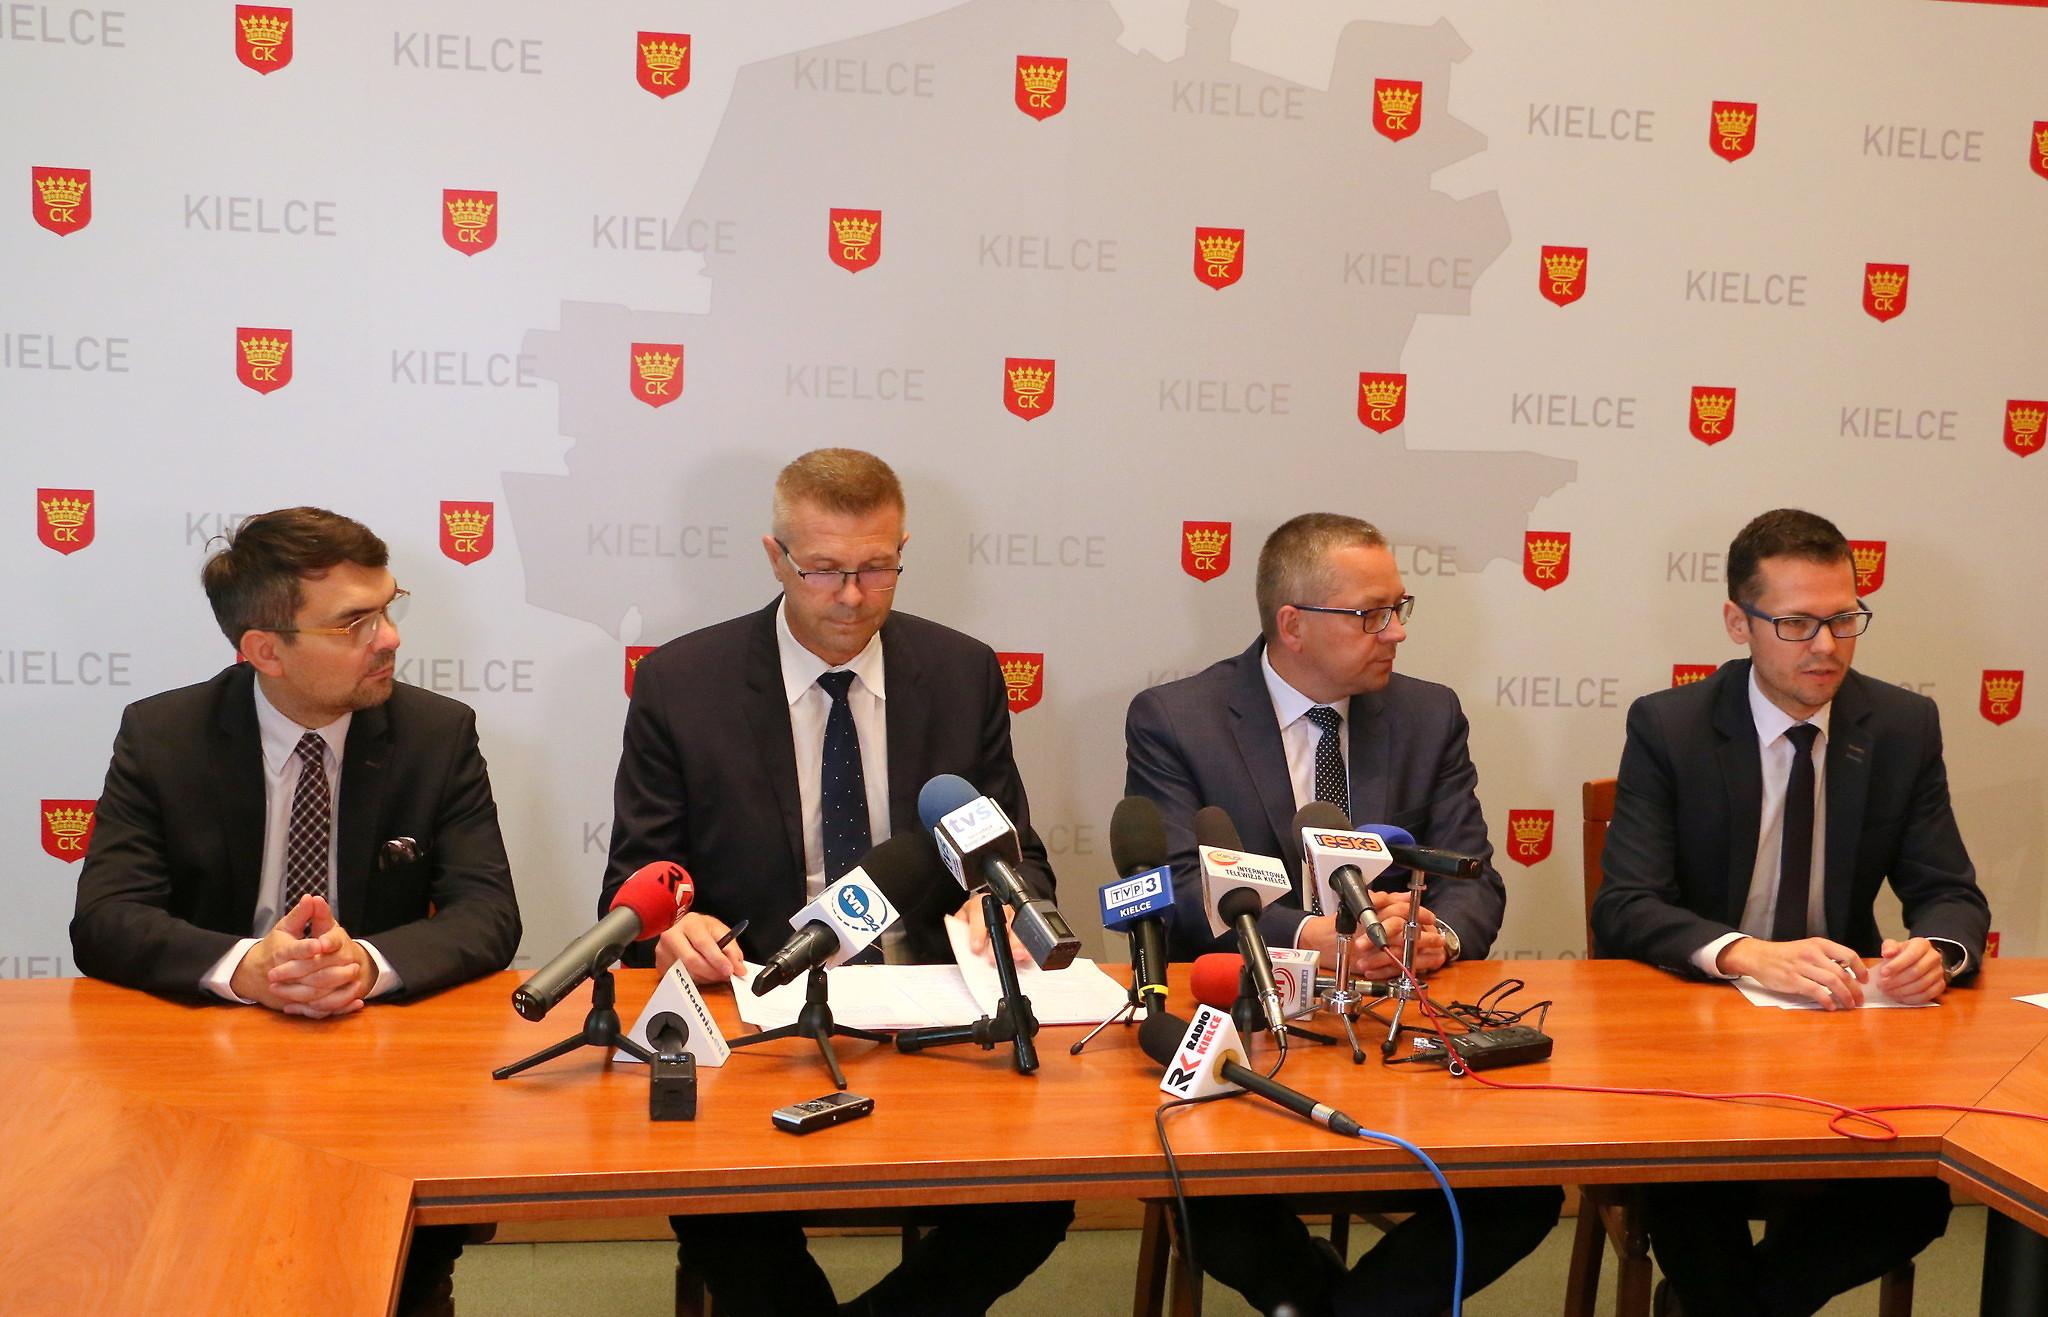 Bogdan Wenta wyjaśniał zakaz obawami o napiętą atmosferę, jaka mogłaby powstać pomiędzy uczestnikami Marszu Równości (fot.um.kielce.pl)